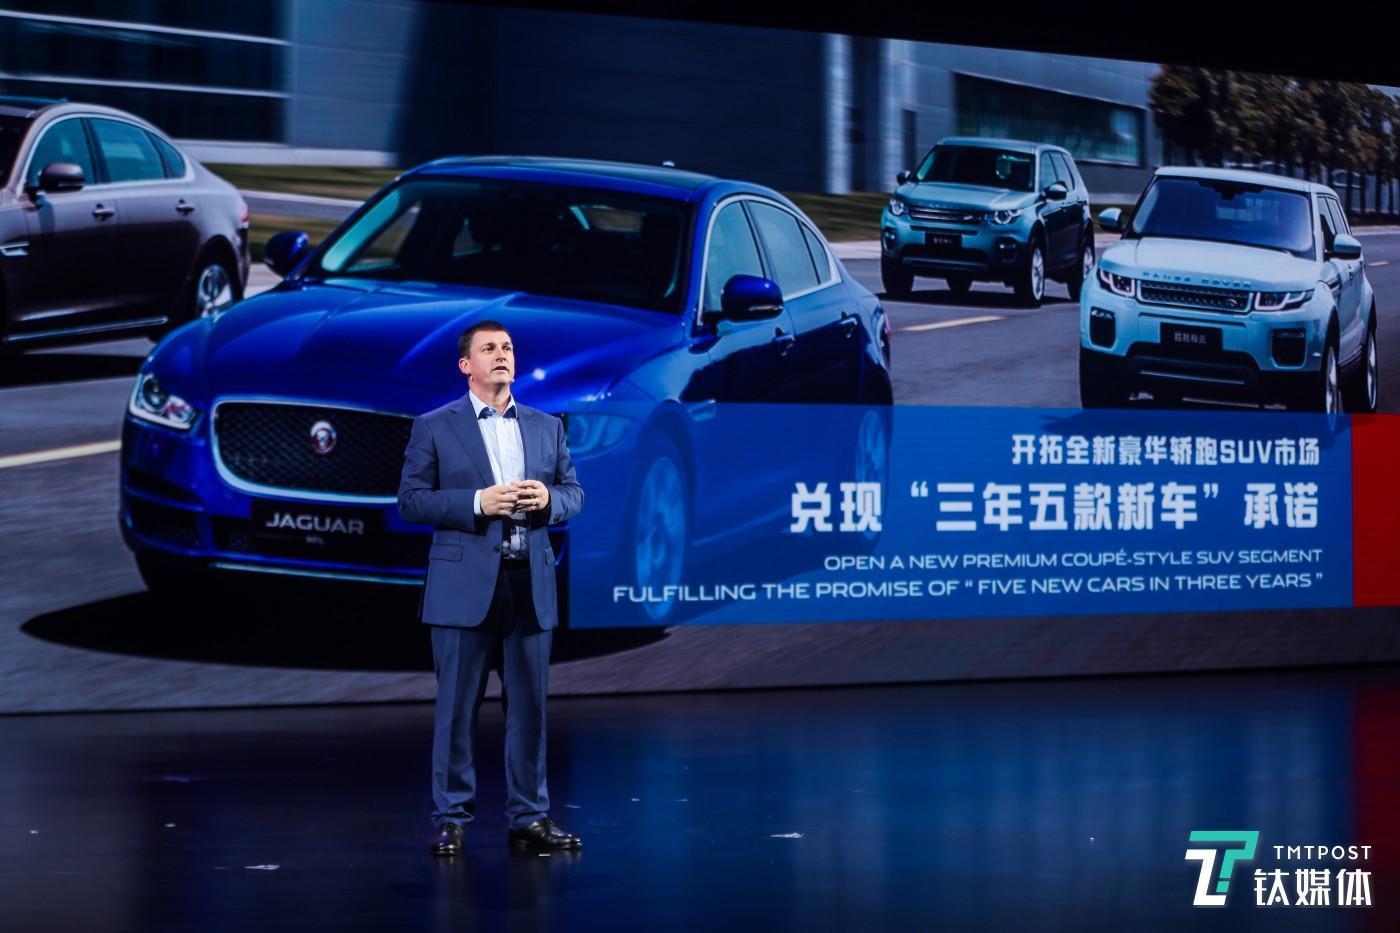 捷豹将会在未来三年推出五款新车型